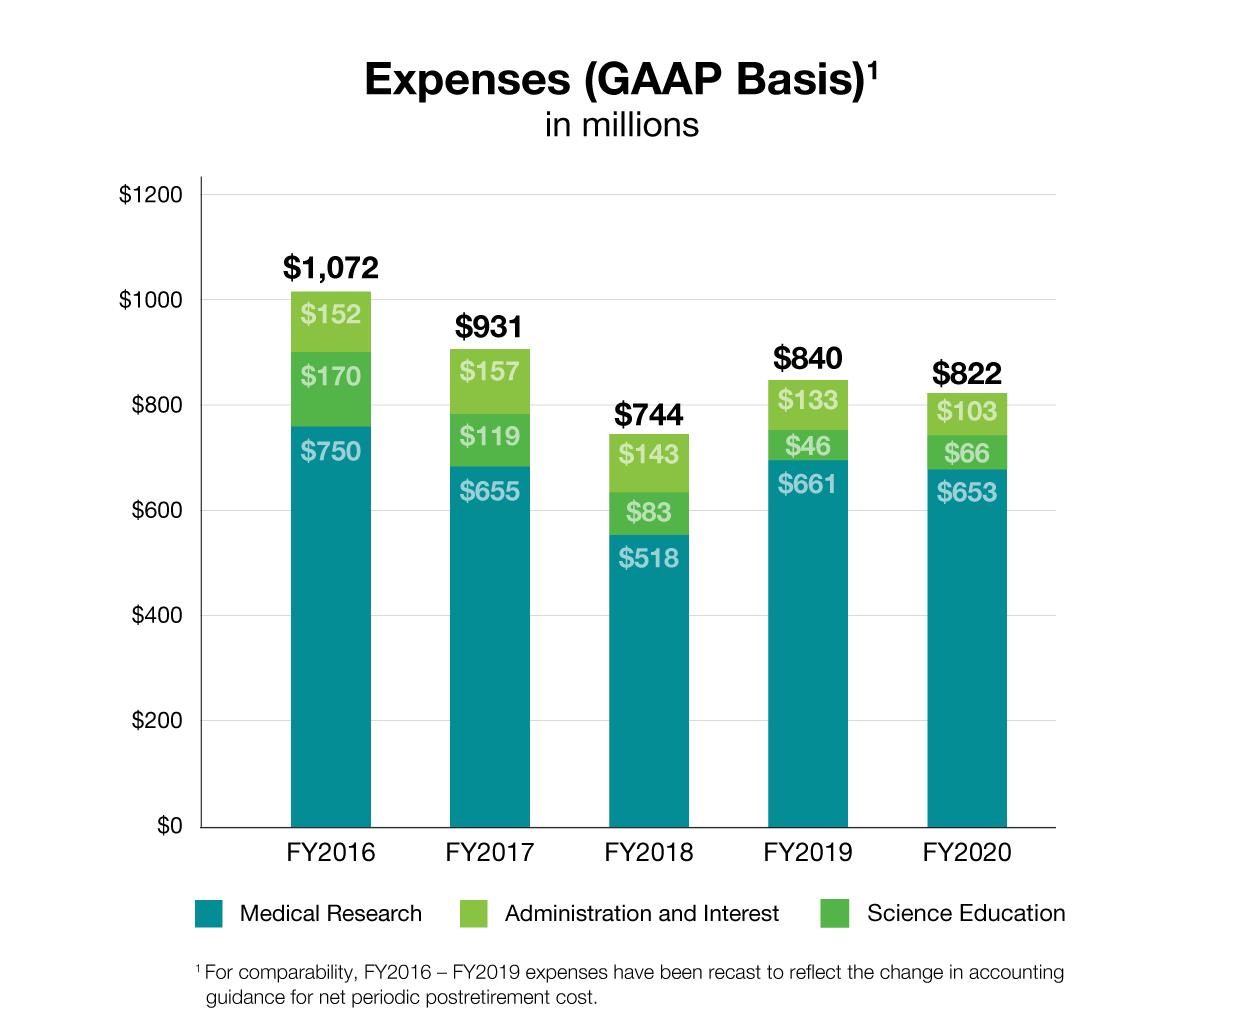 HHMI expenses, 2020